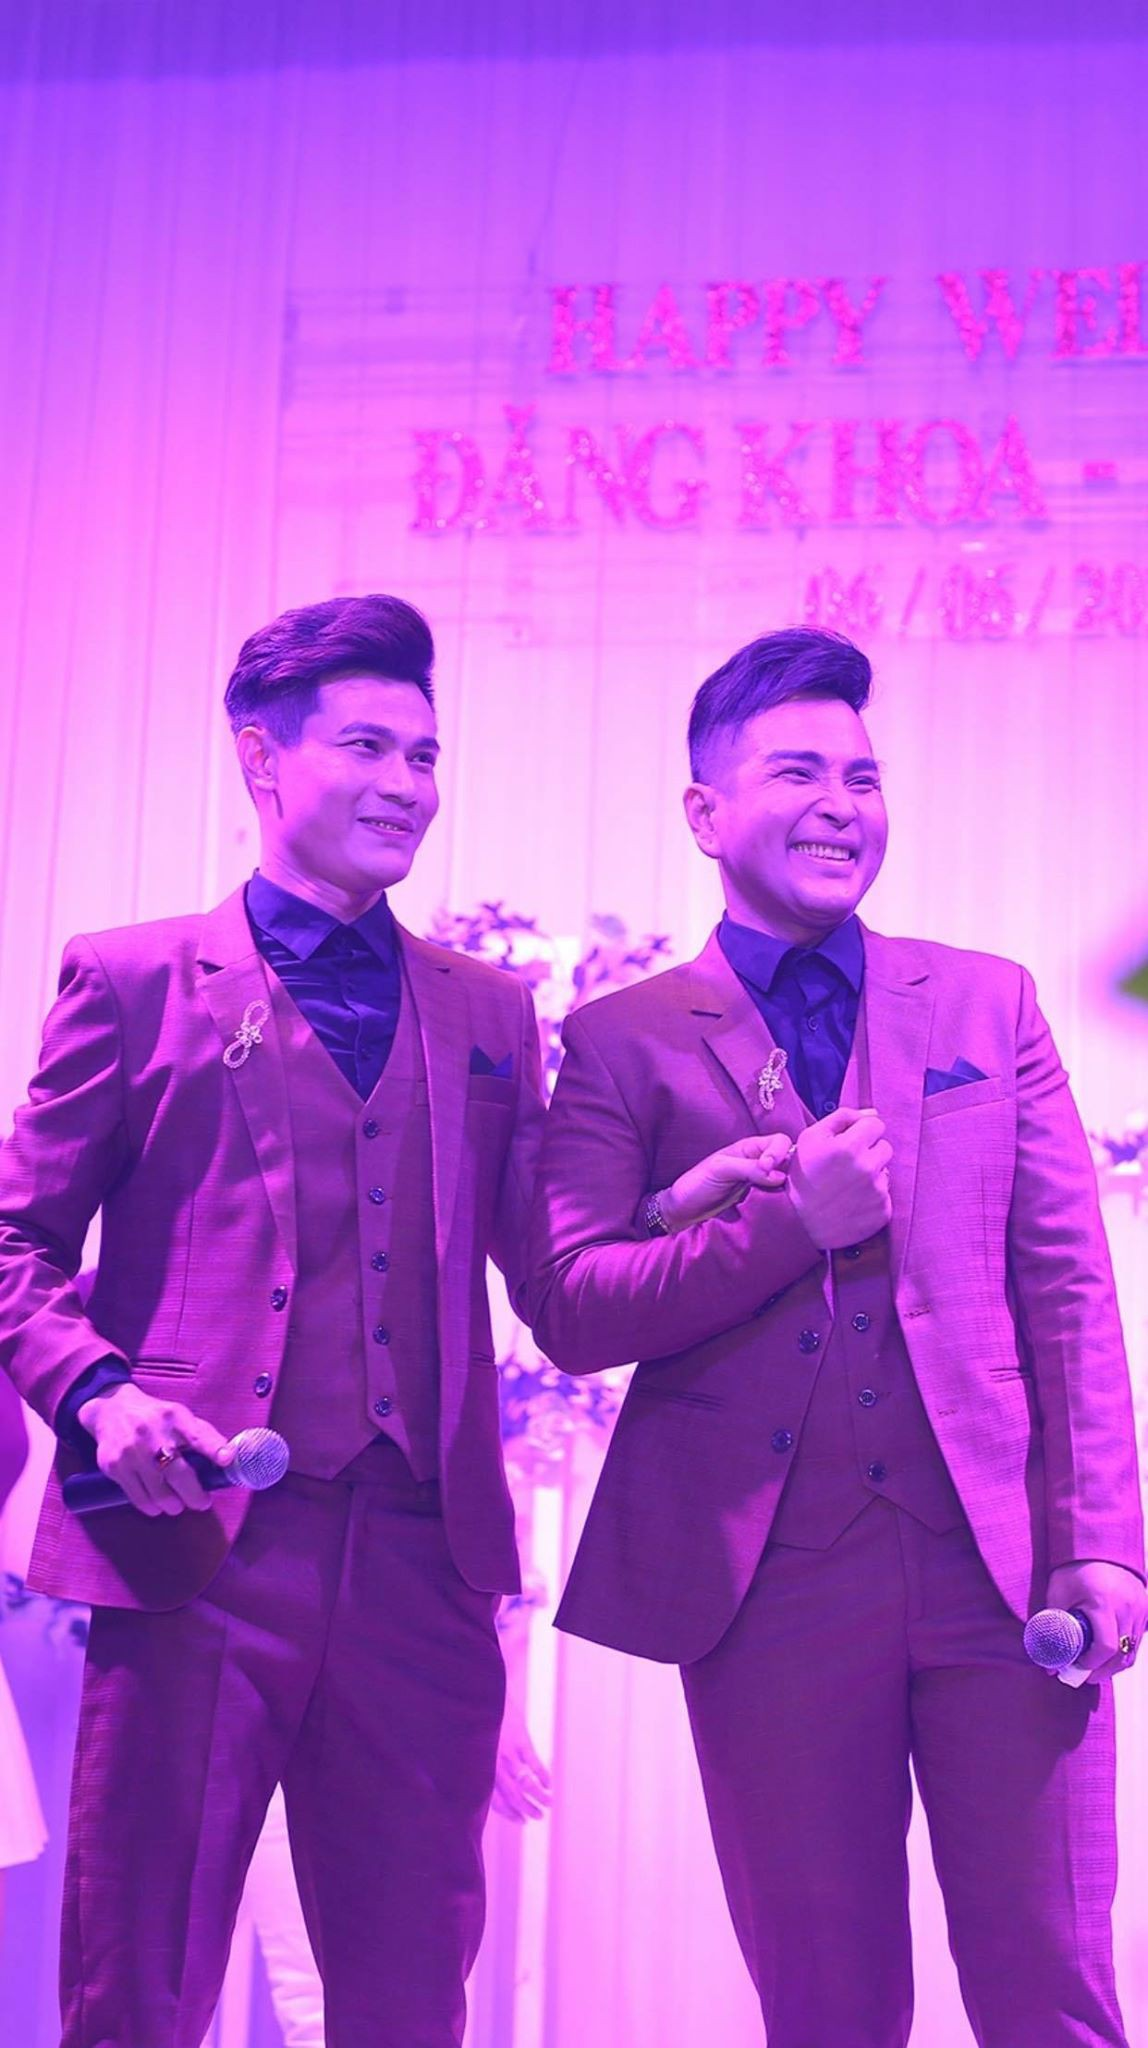 Đám cưới của cặp LGBT điển trai khiến cư dân mạng xôn xao: Hạnh phúc luôn là sự chân thành và chia sẻ  - Ảnh 8.